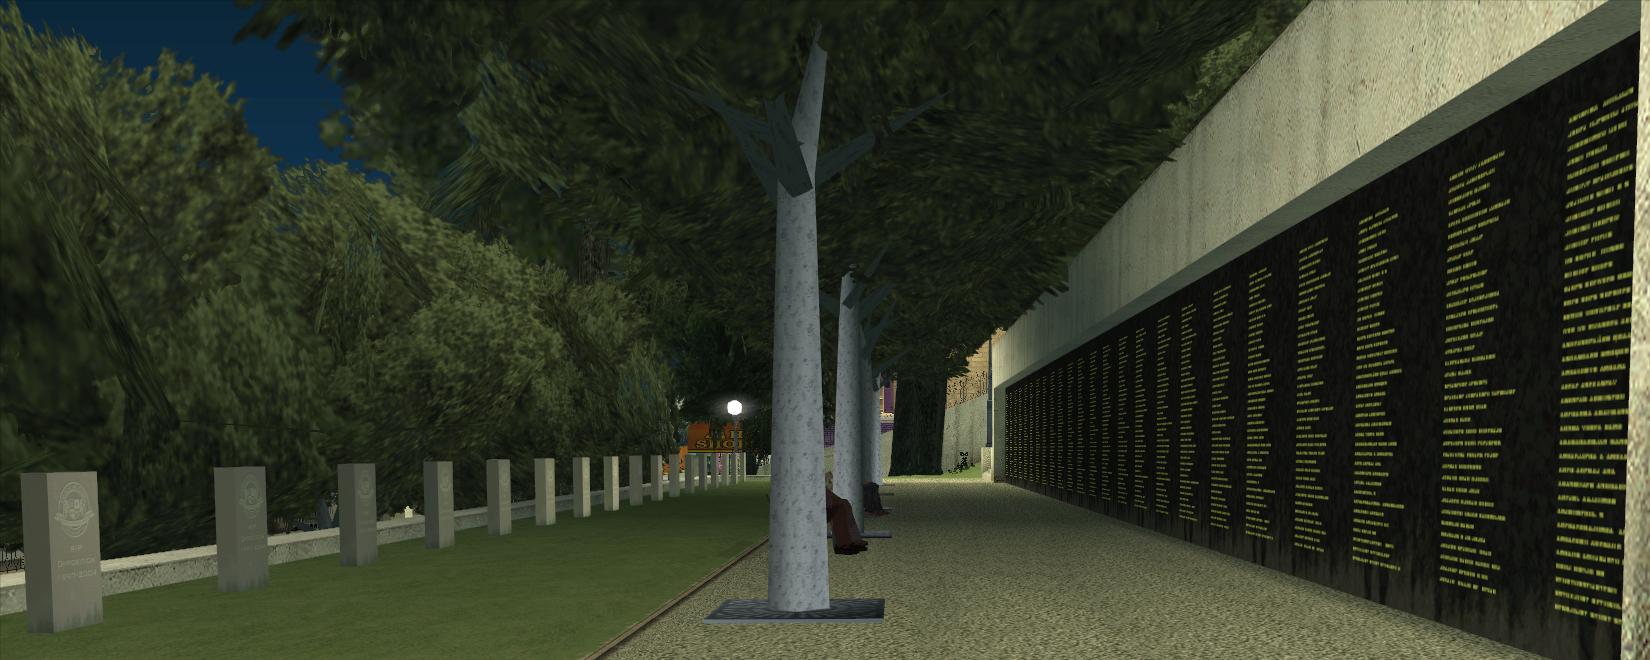 Opposition Memorial